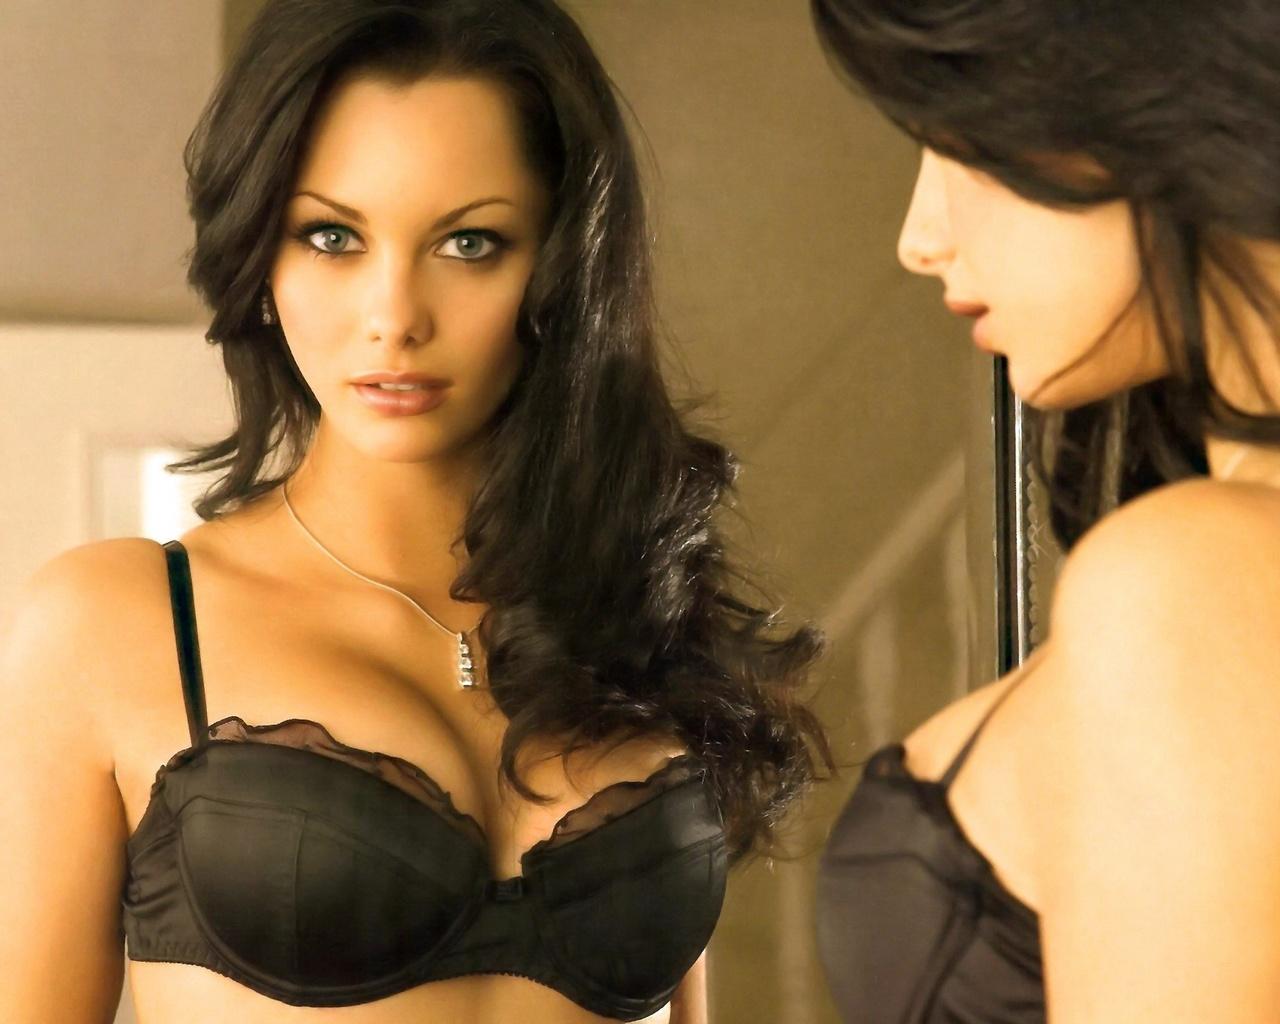 Супер порно девочки красотки 17 фотография